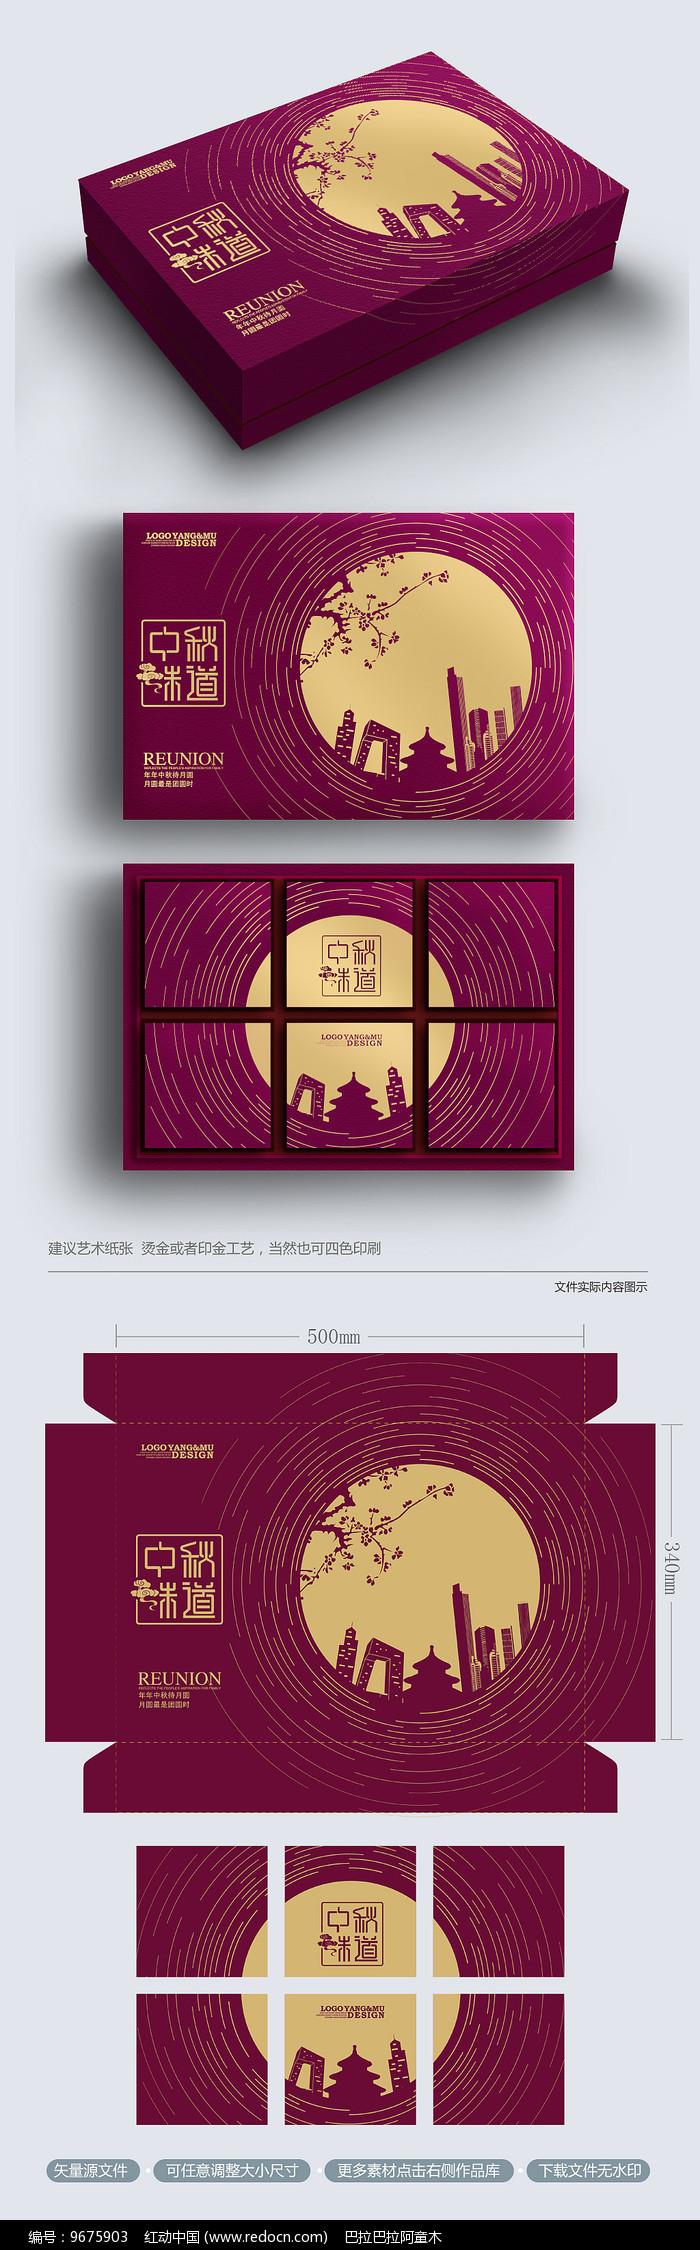 创意北京高端中秋月饼包装礼盒图片